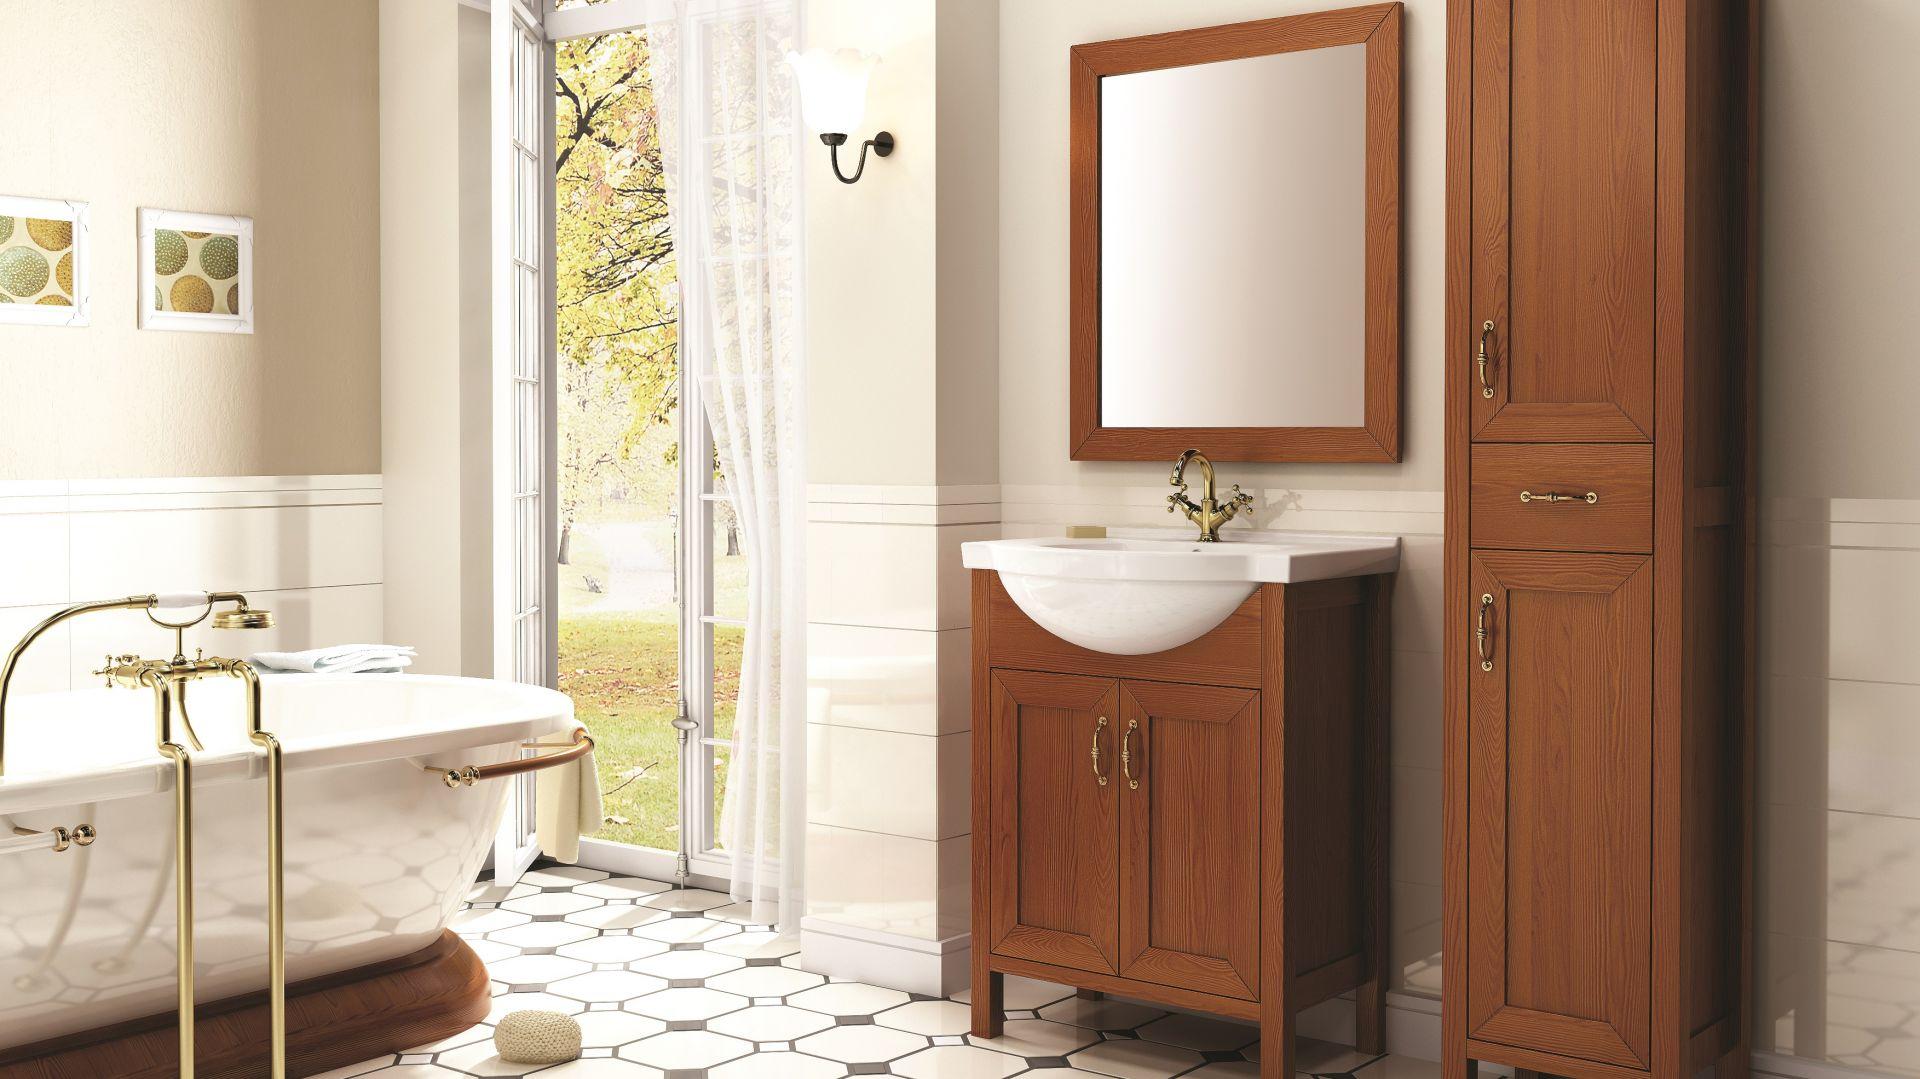 Łazienka w stylu klasycznym ze stylizowanymi meblami z kolekcji Santon firmy Elita. Fot. Elita